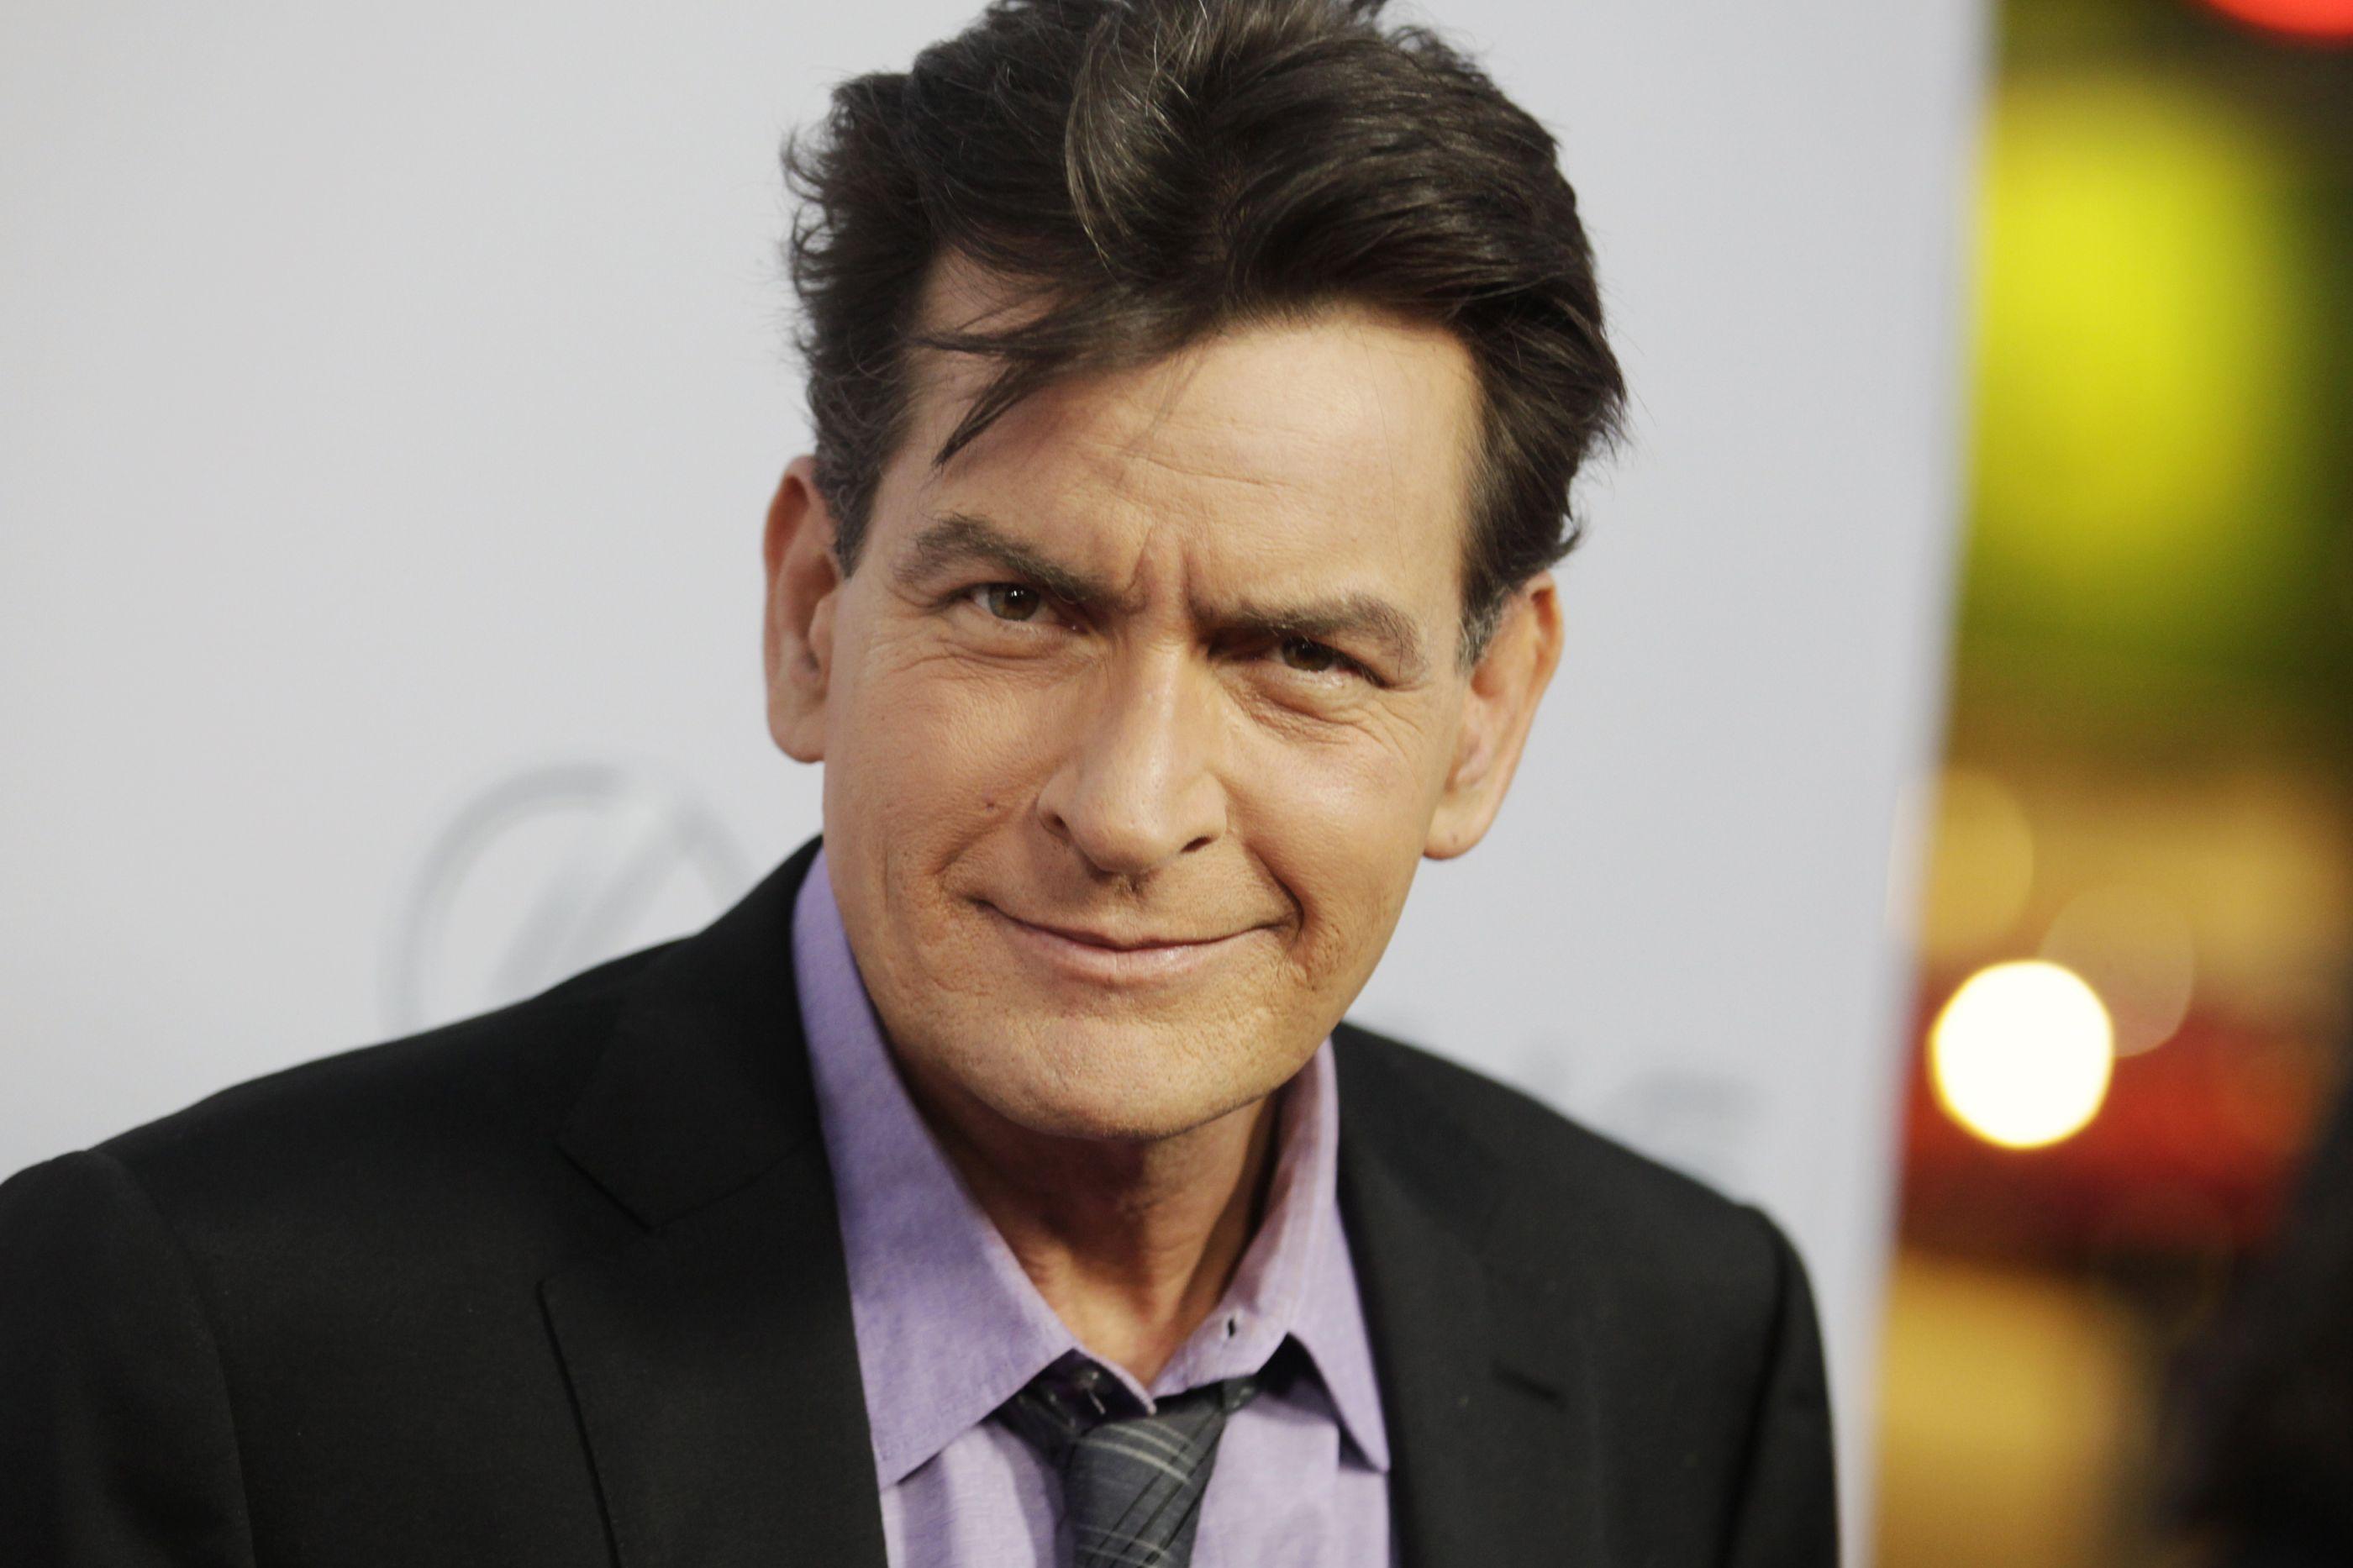 Charlie Sheen está a ser processado por 'ex' num caso que envolve HIV